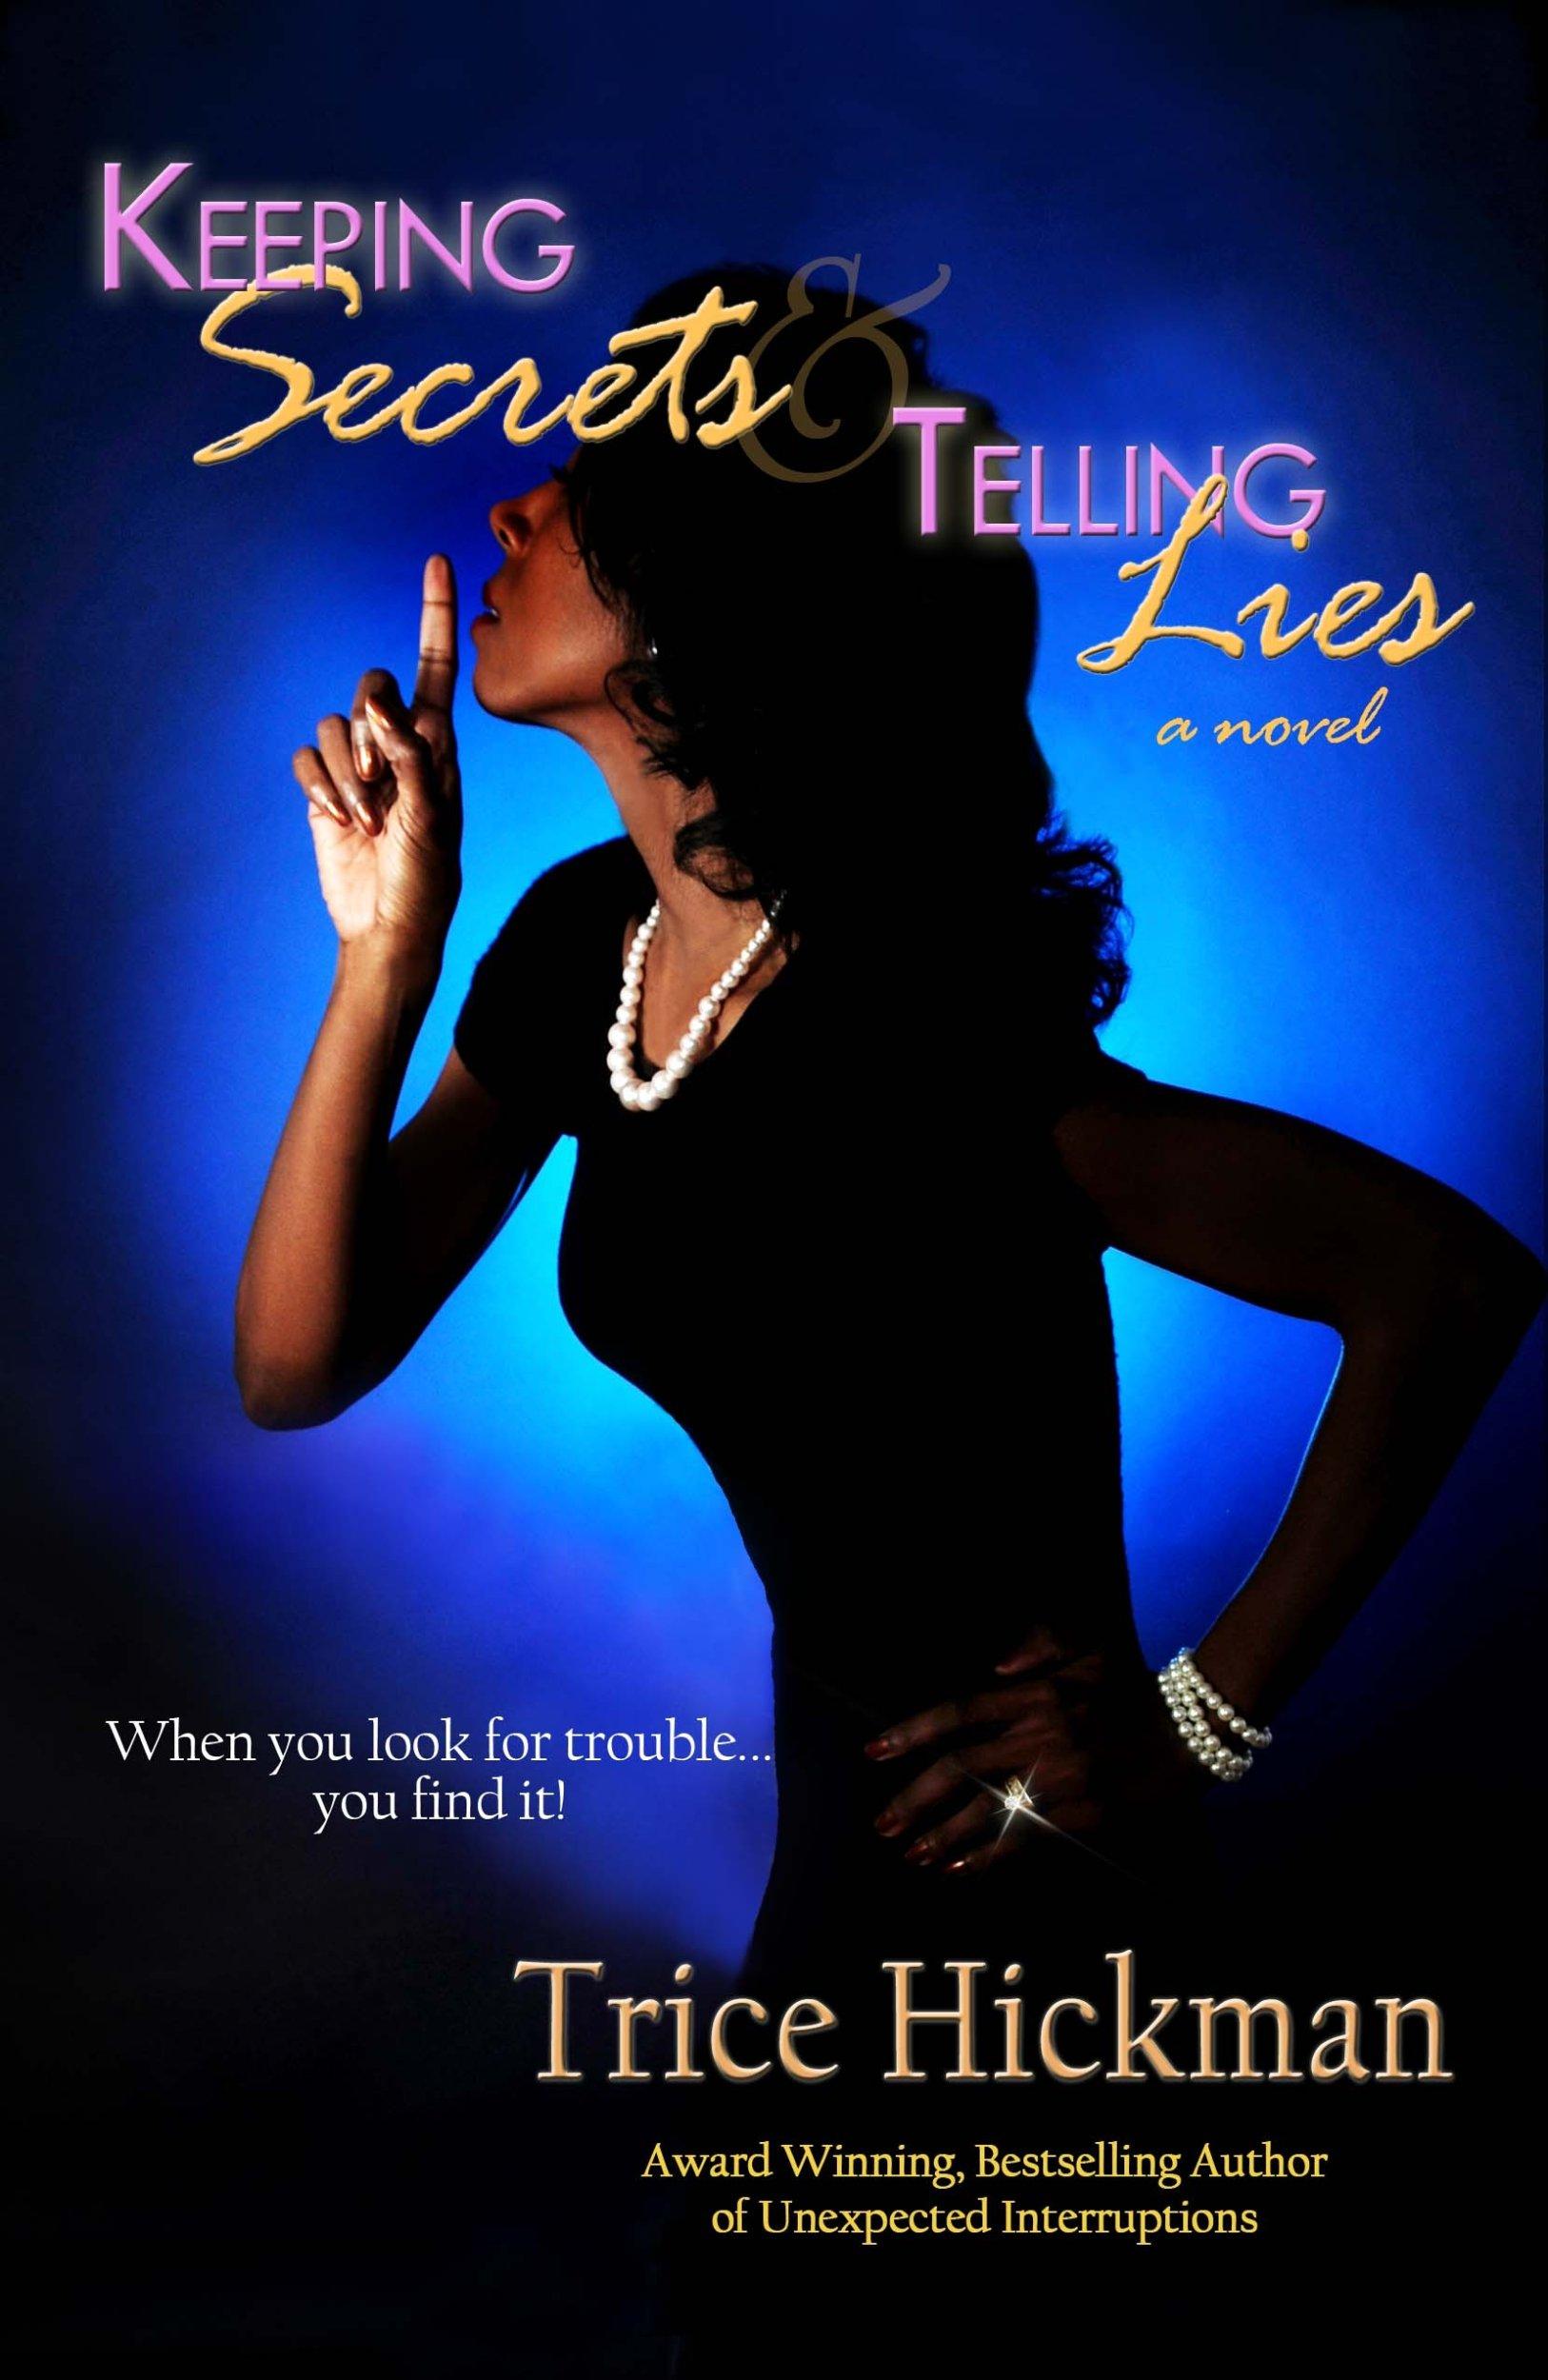 Buy Keeping Secrets & Telling Lies Book Online at Low Prices in India |  Keeping Secrets & Telling Lies Reviews & Ratings - Amazon.in